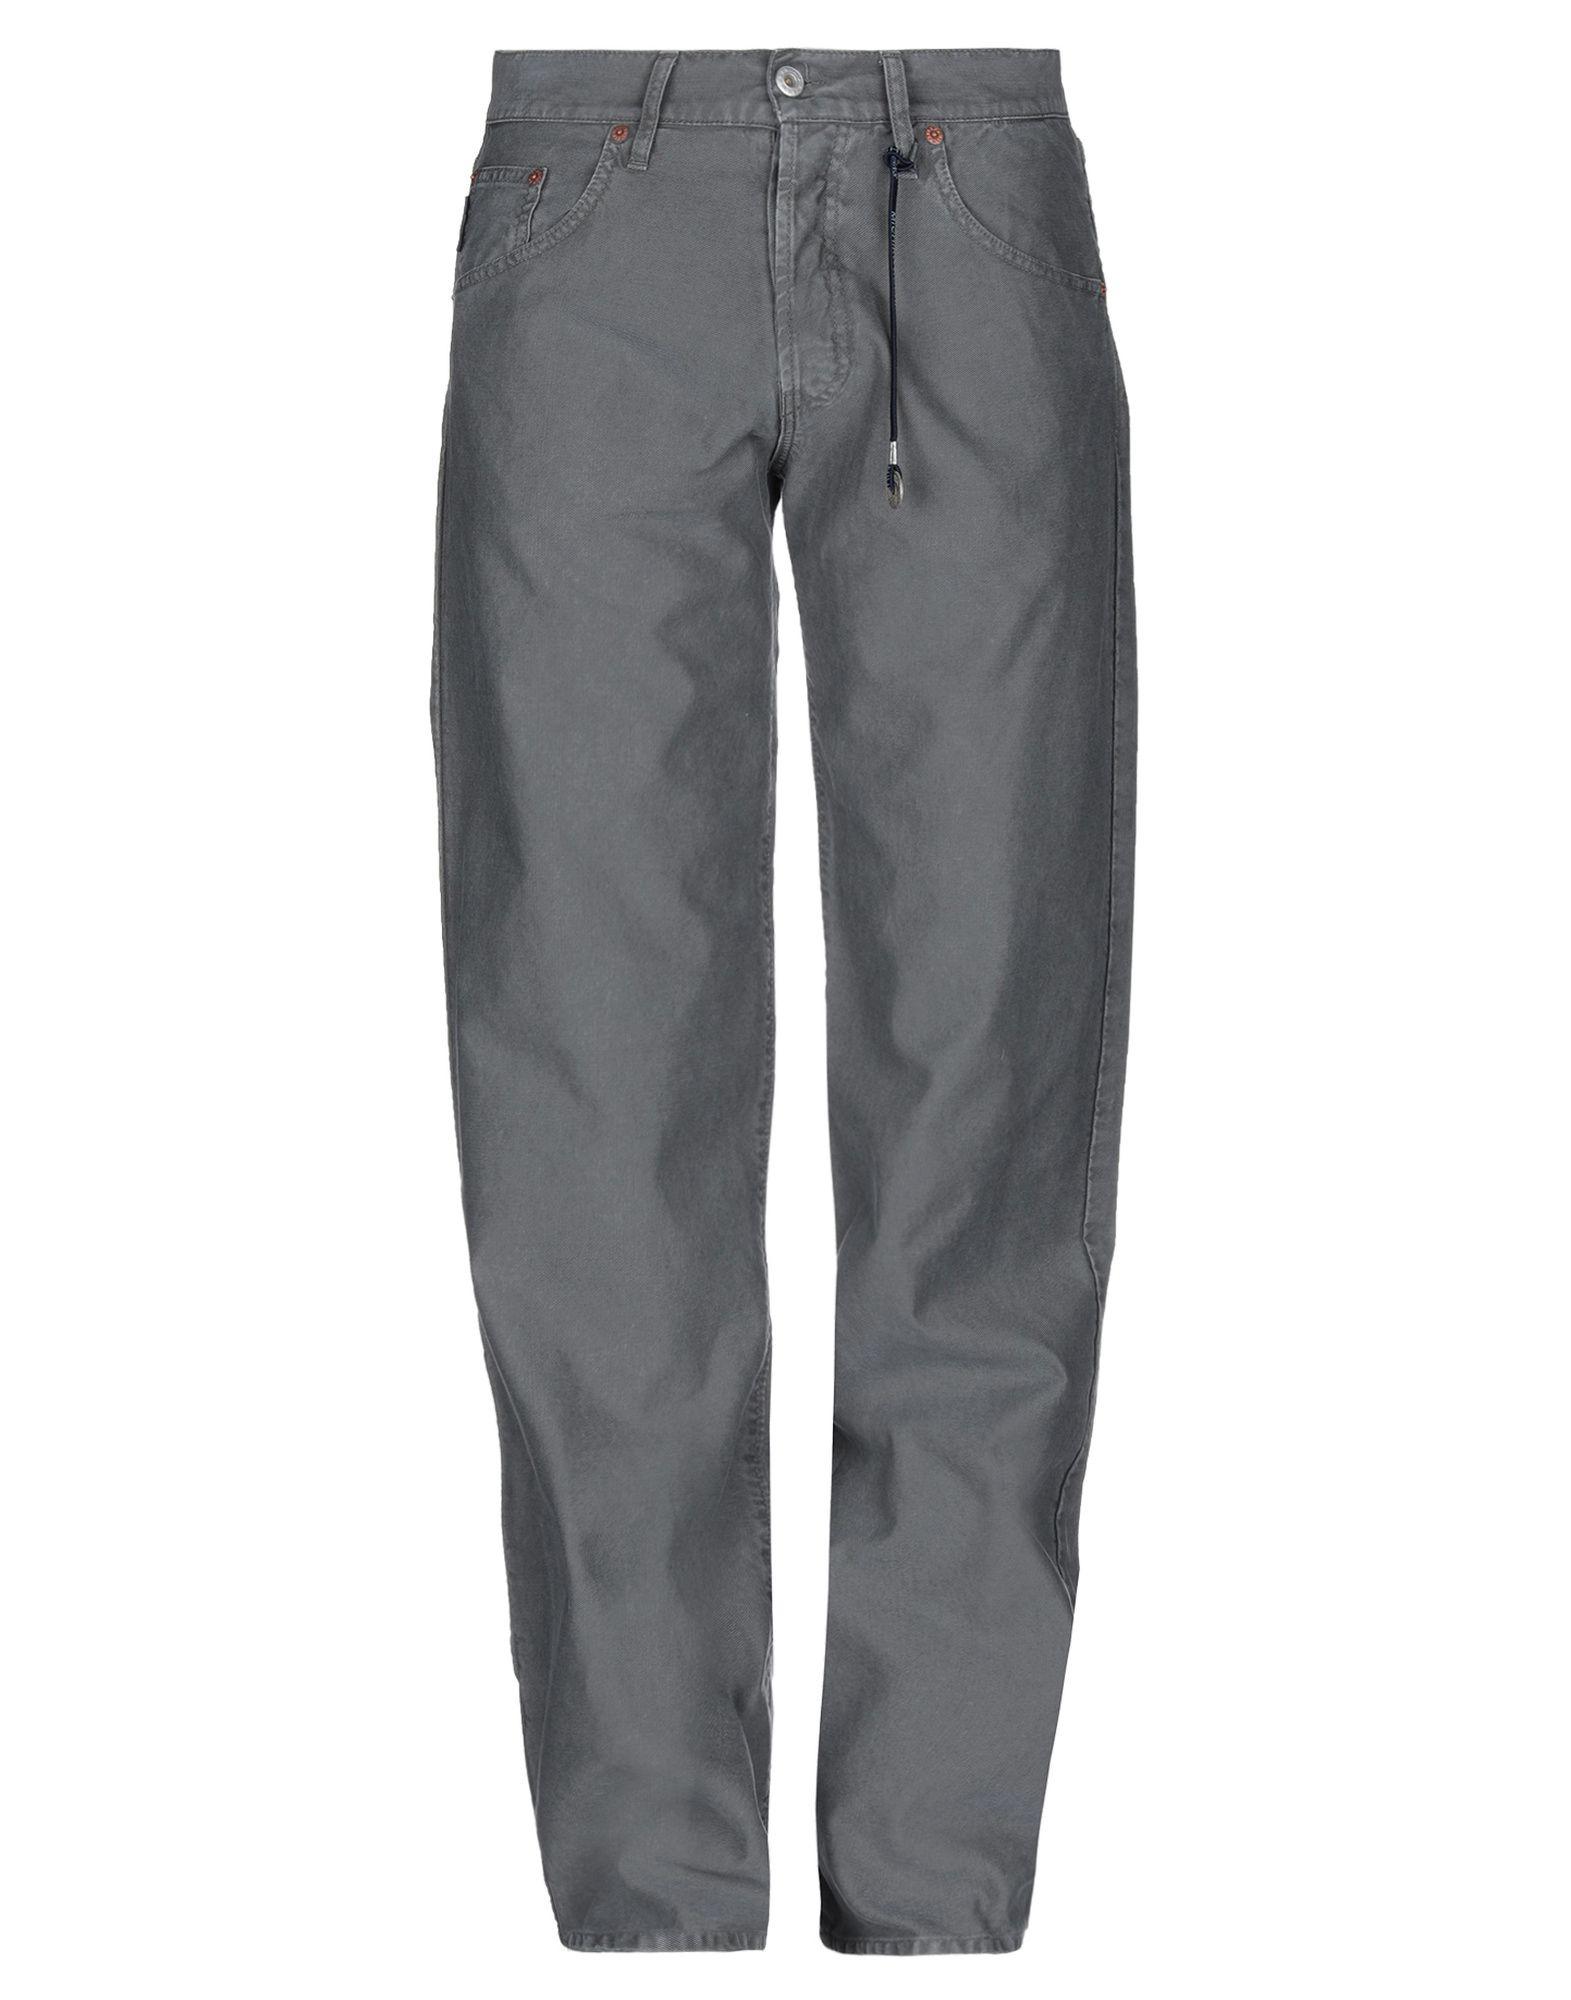 купить JEANS MICHIKO KOSHINO Джинсовые брюки по цене 5000 рублей